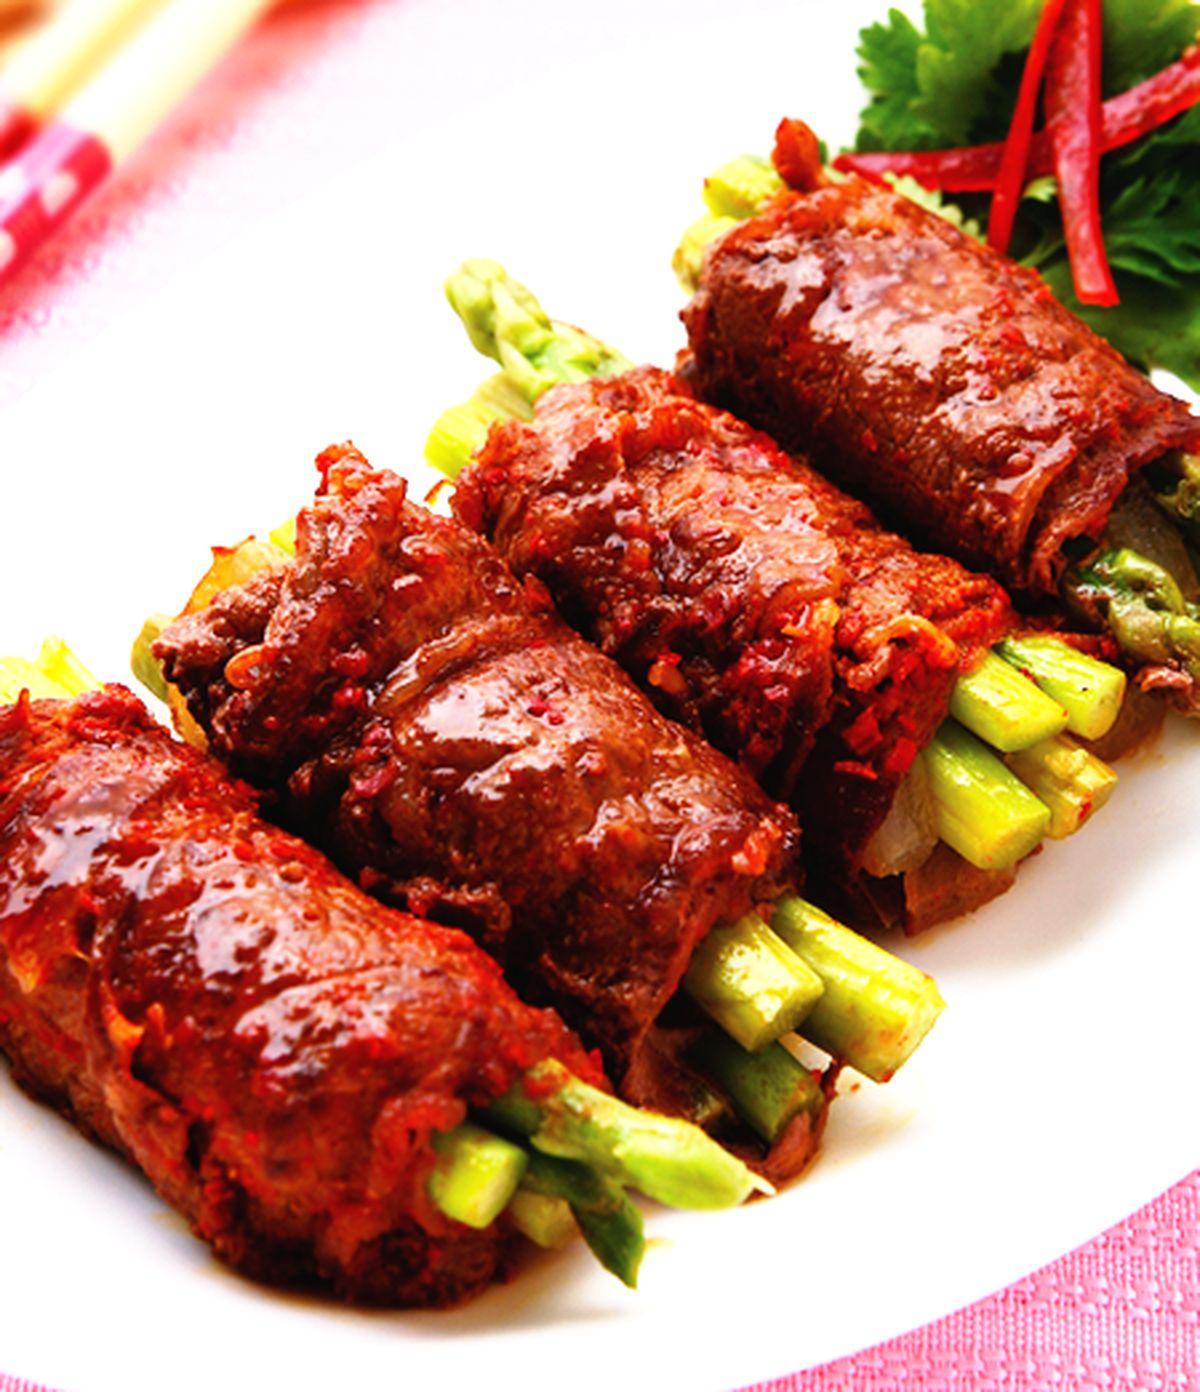 食譜:煎烤牛肉捲